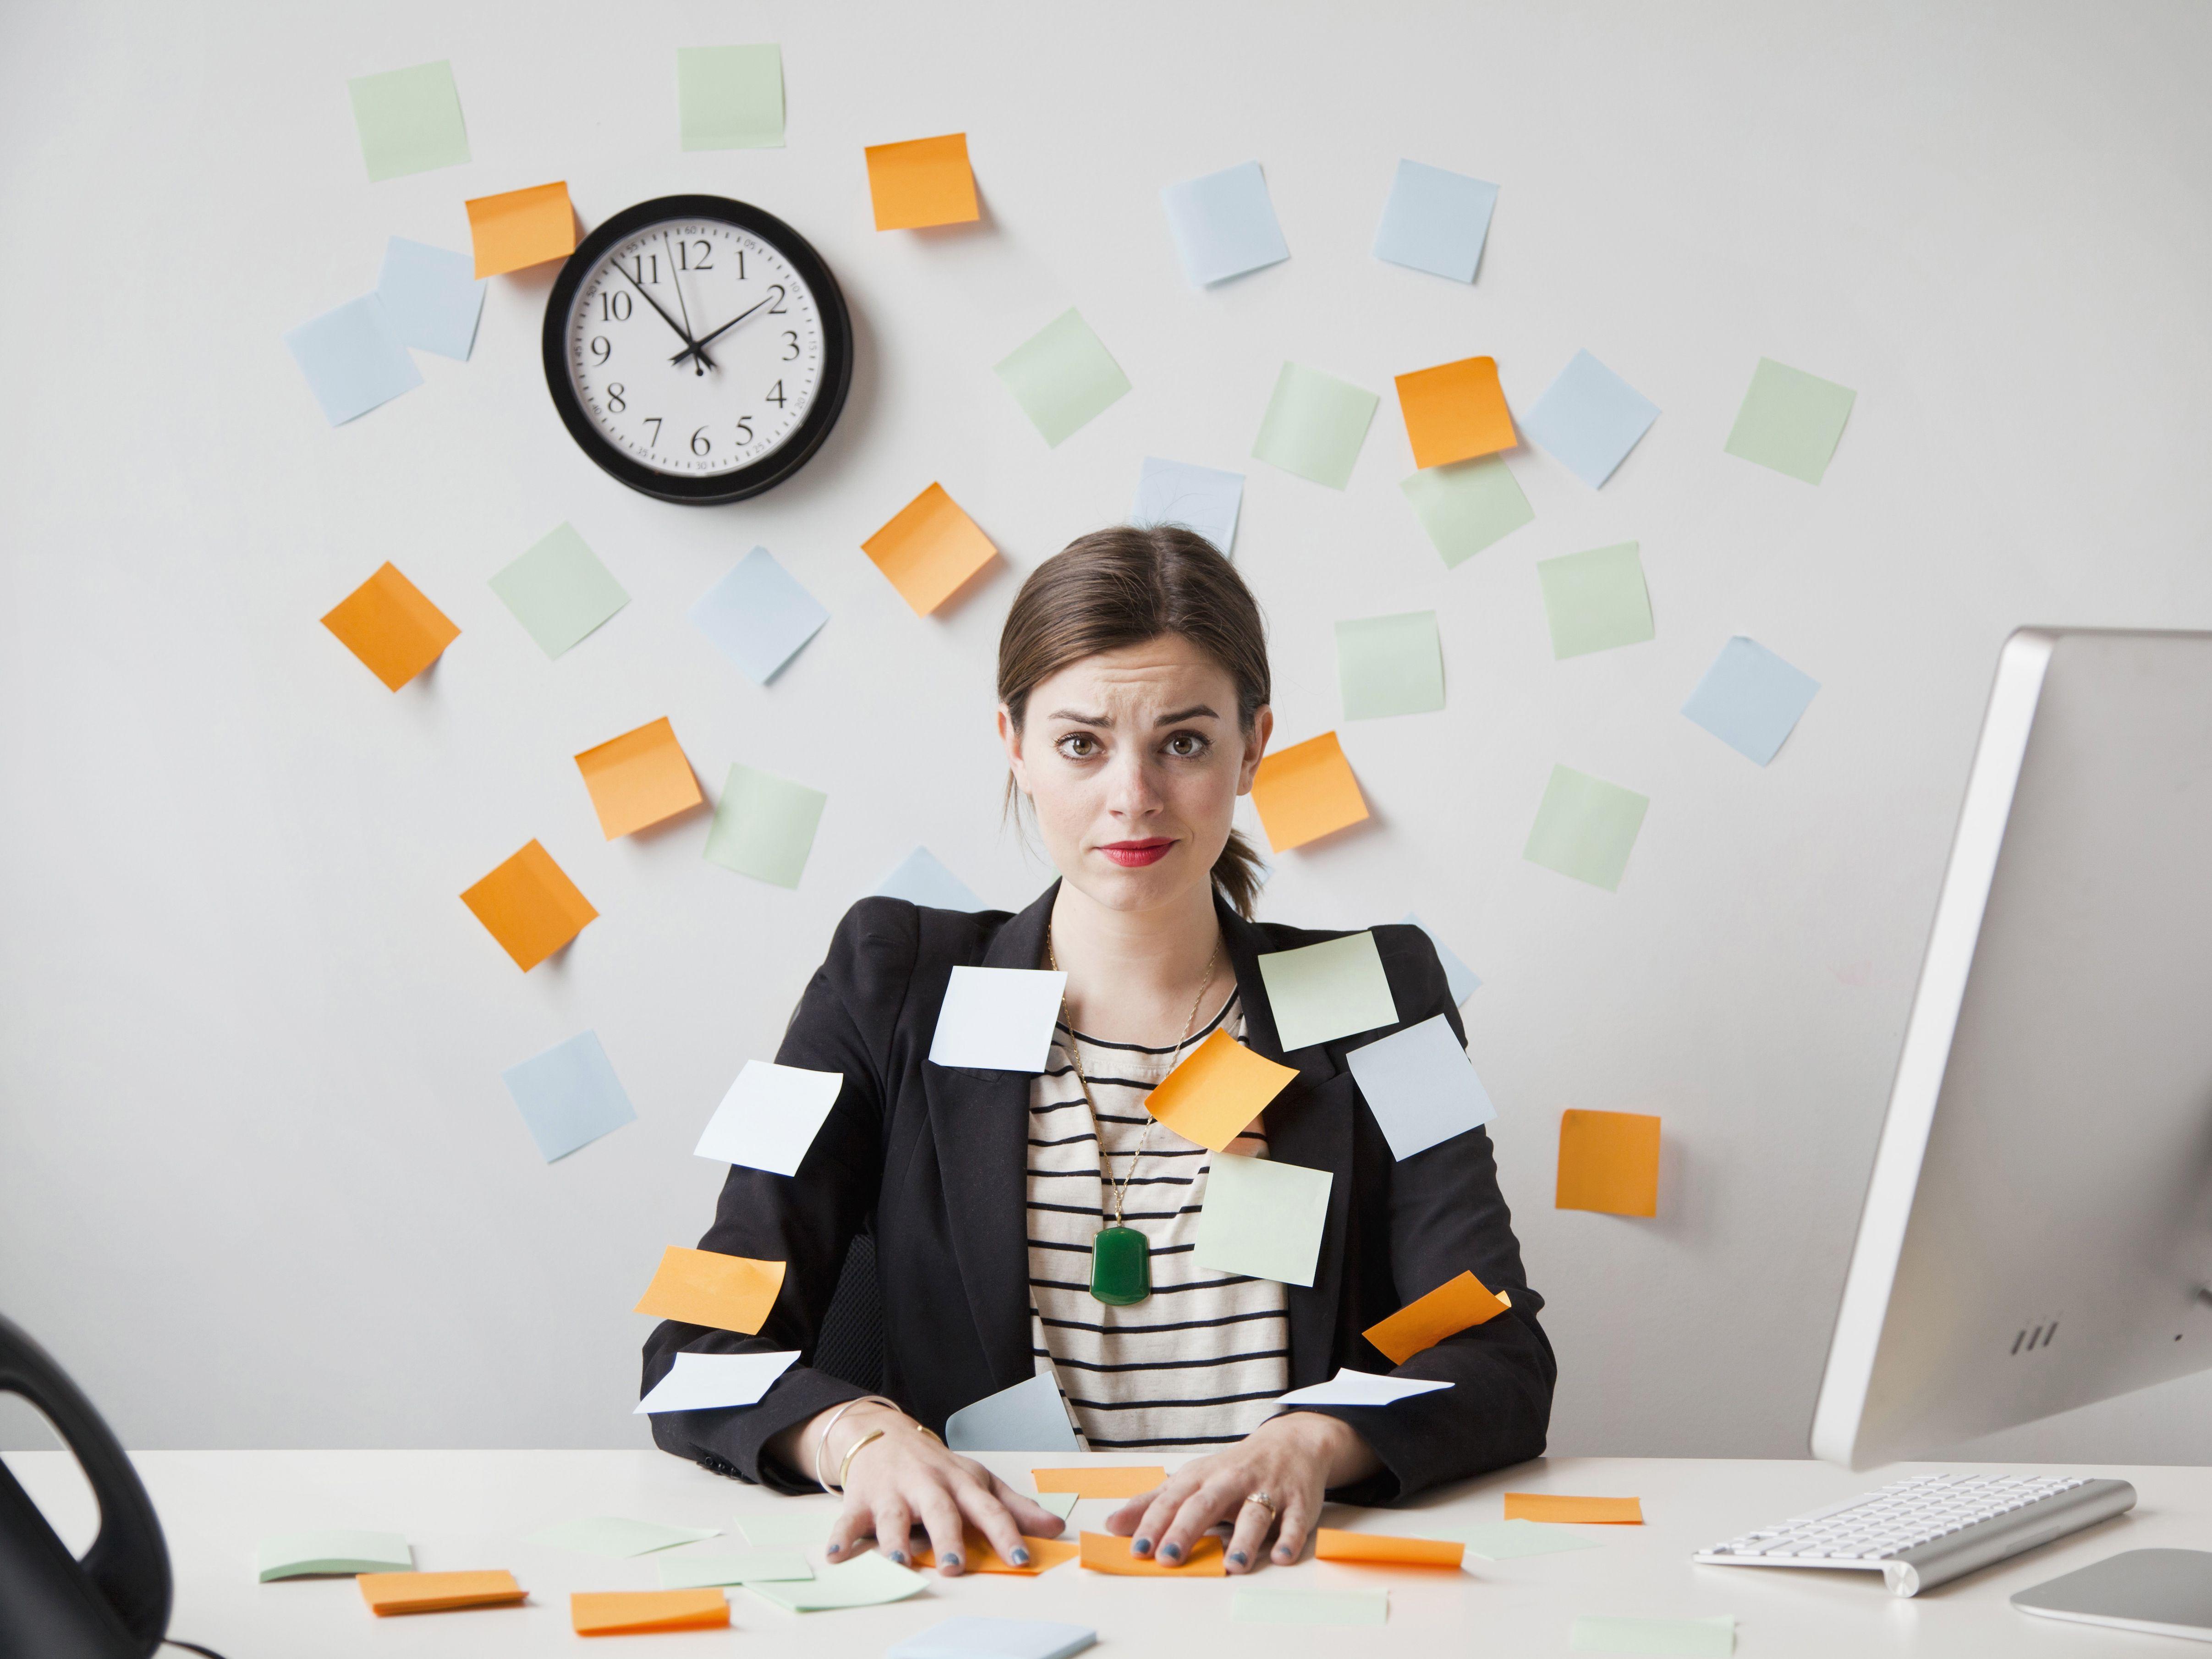 Foto de estudio de una mujer joven que trabaja en la oficina cubierta con notas adhesivas